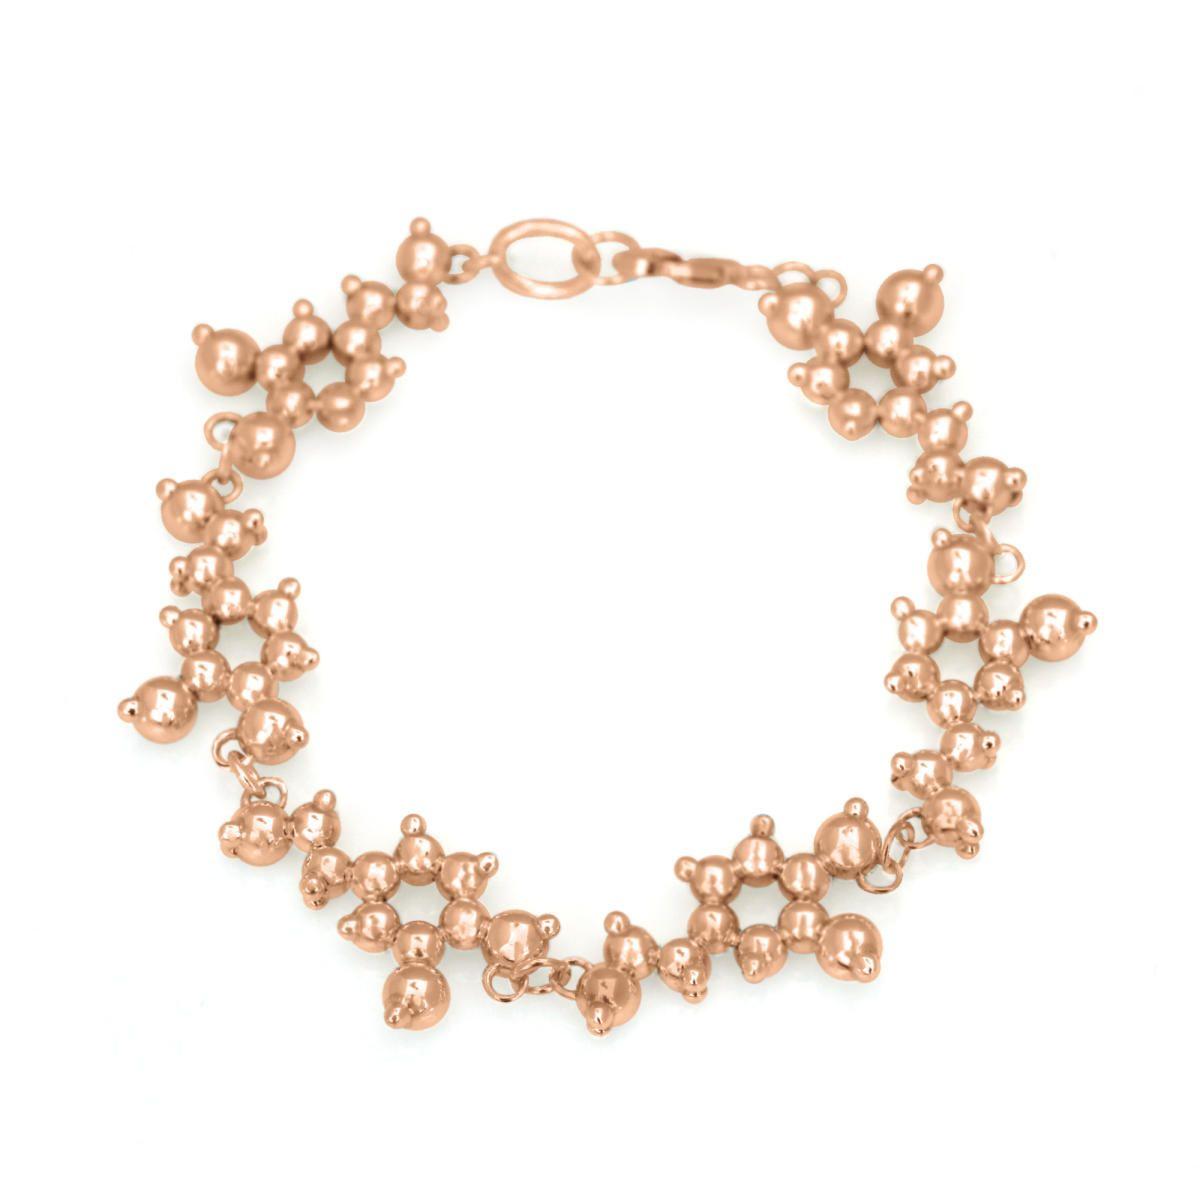 Bracelets unique silver gold and designer bracelets